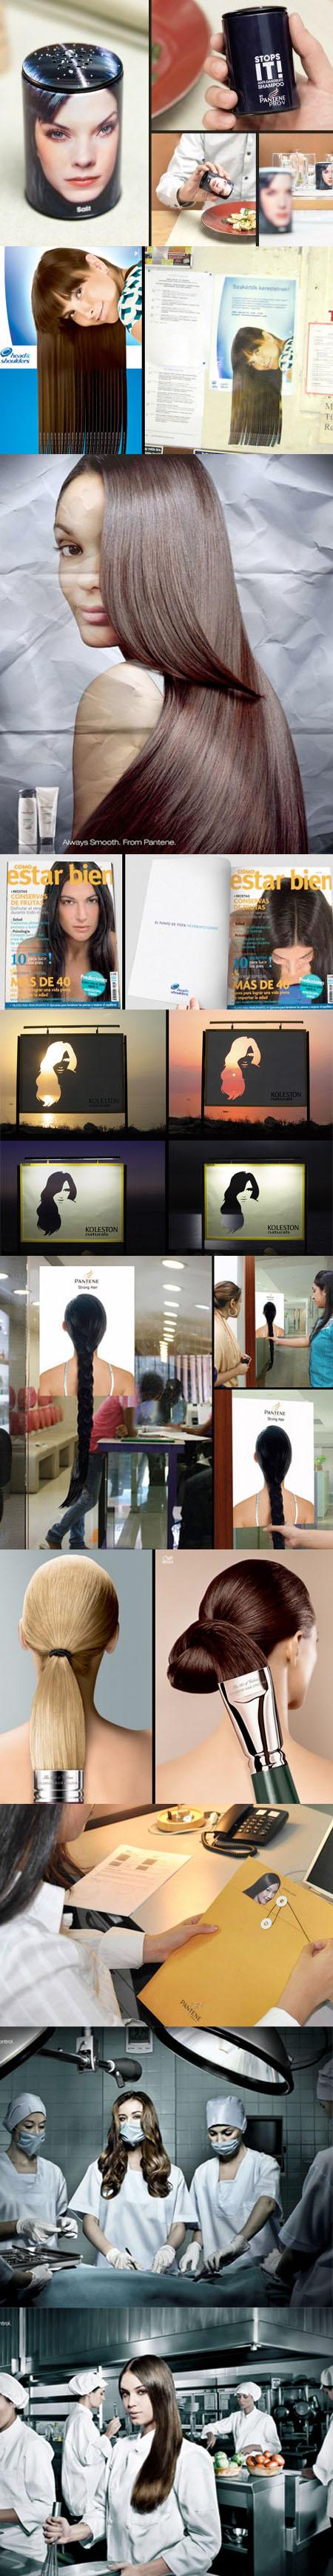 collezione-pubblicita-creative-shampoo